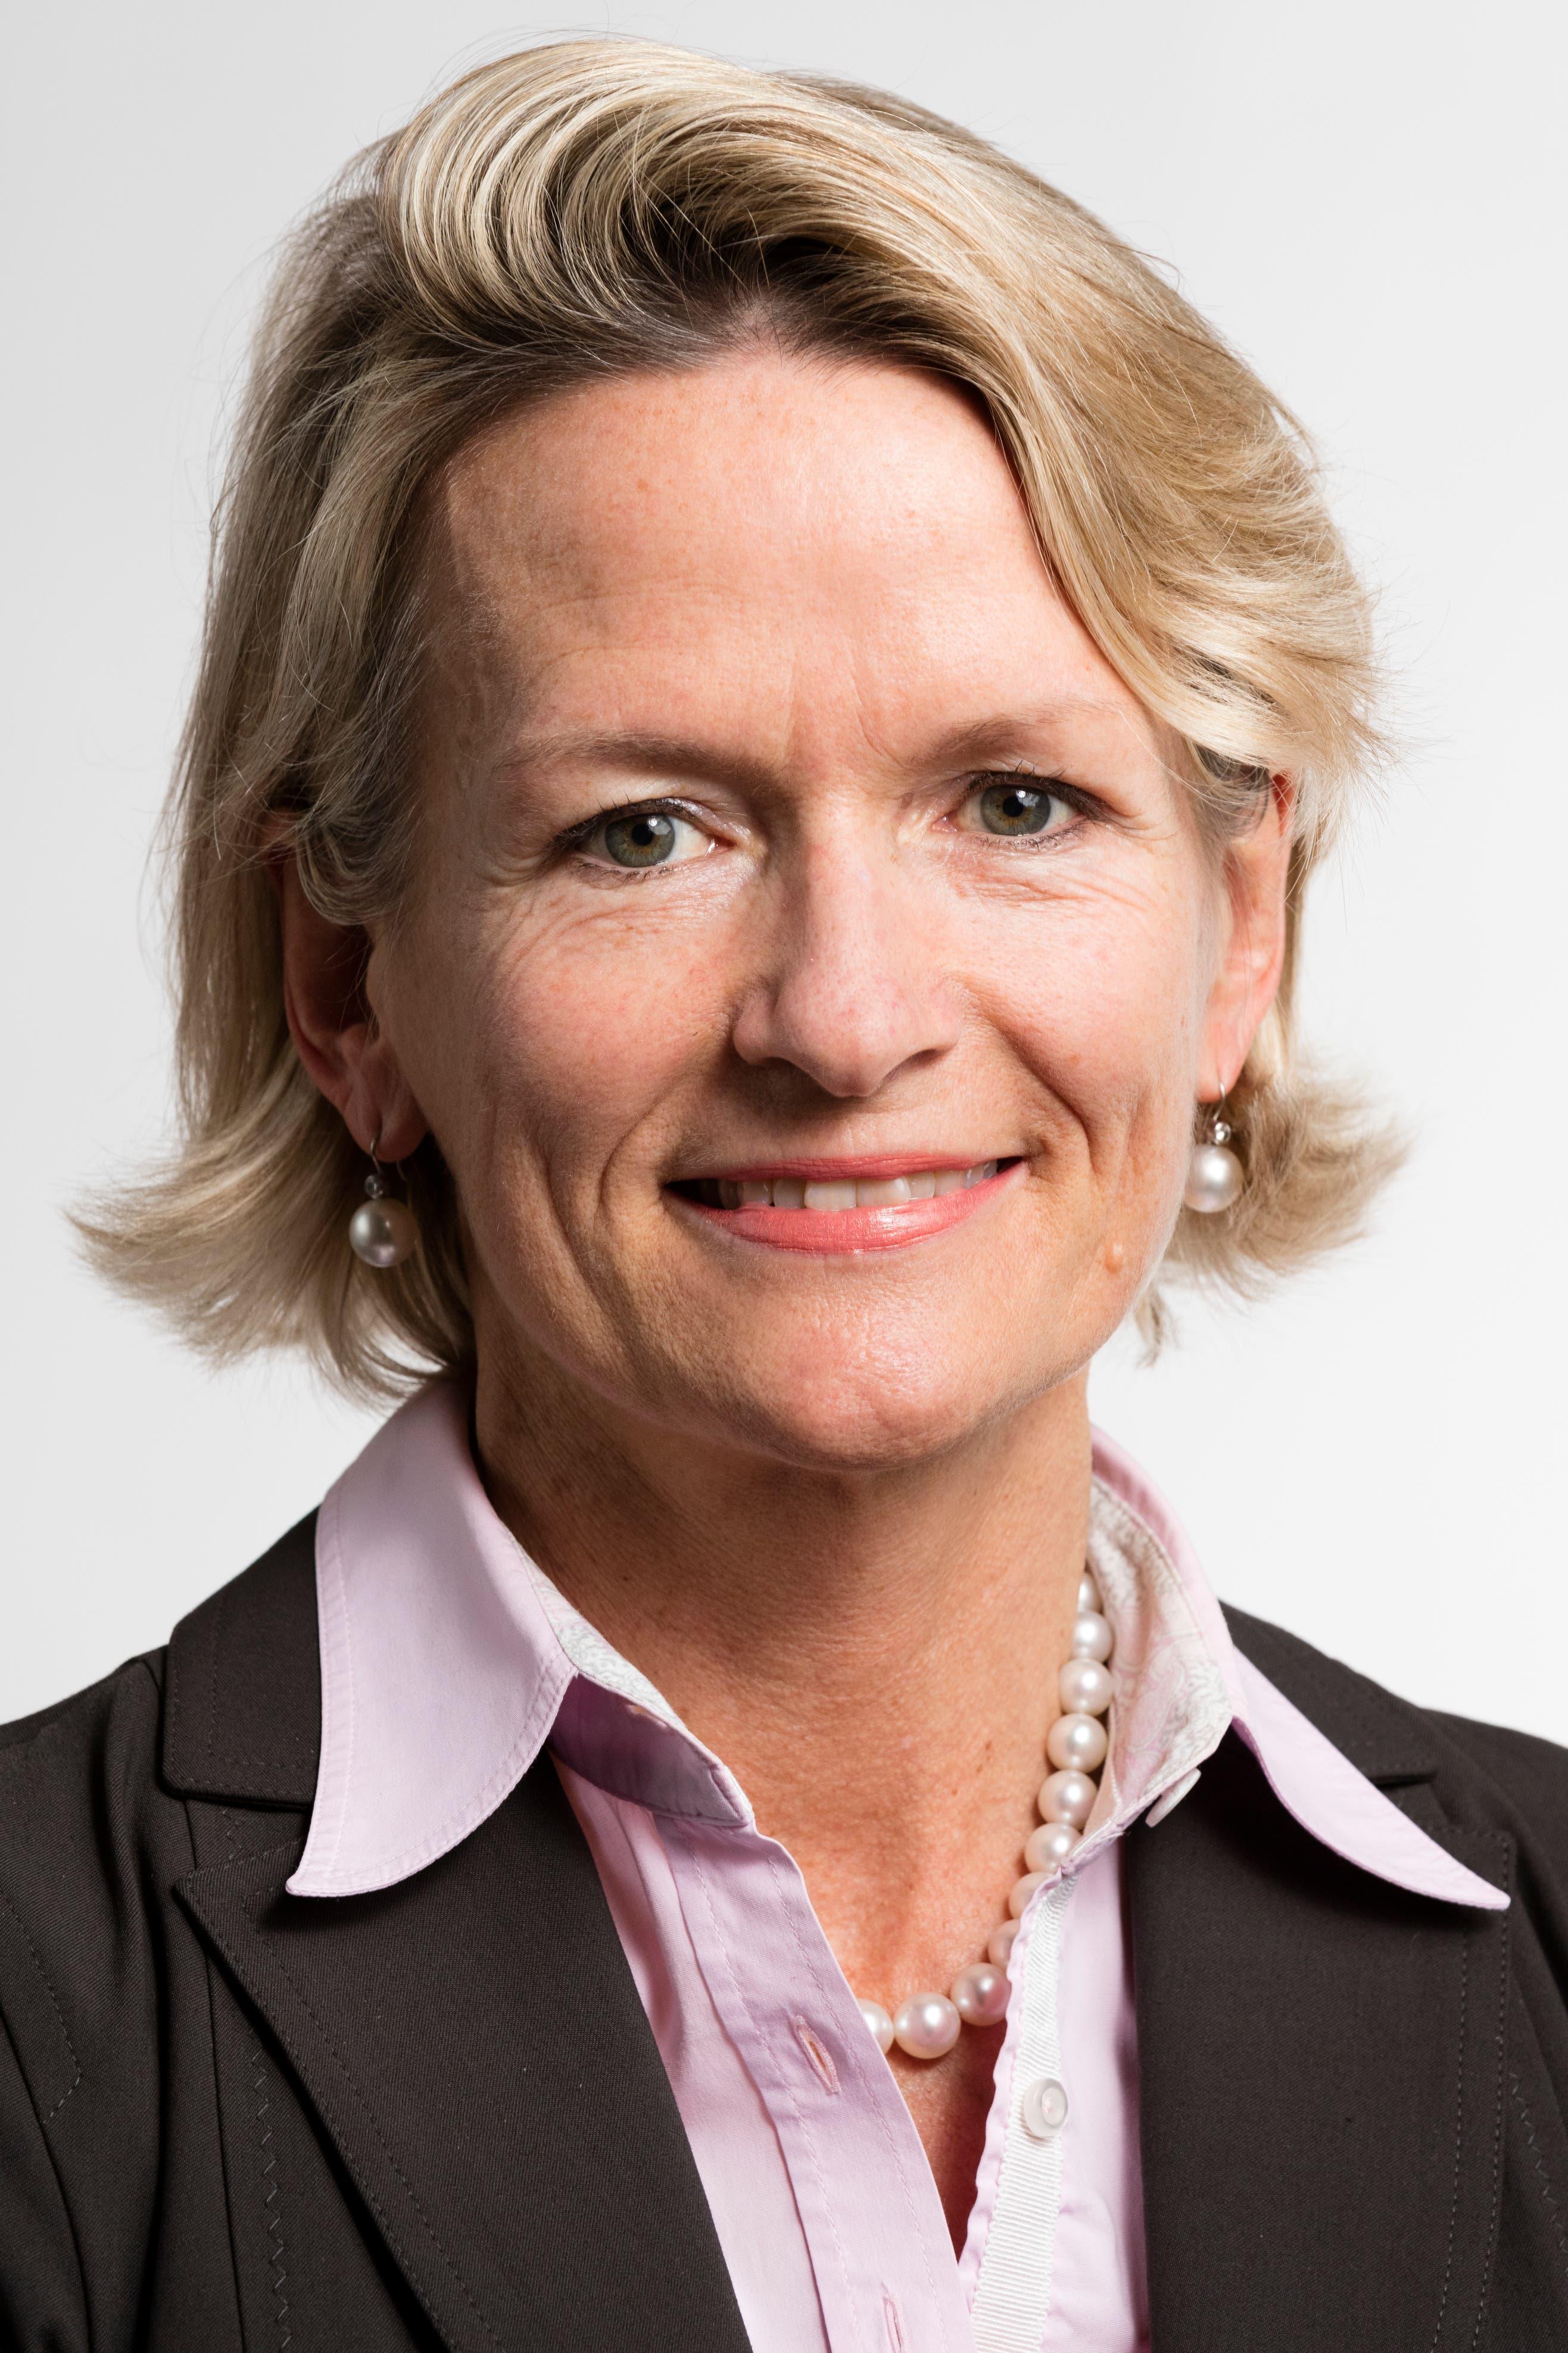 Die 54-jährige Nationalrätin Andrea Gmür-Schönenberger ist Präsidentin der CVP der Stadt Luzern. In die Grosse Kammer gewählt wurde sie 2015. Zuvor politisierte sie während acht Jahren im Kantonsrat. (Bild: Keystone/Gaetan Bally)